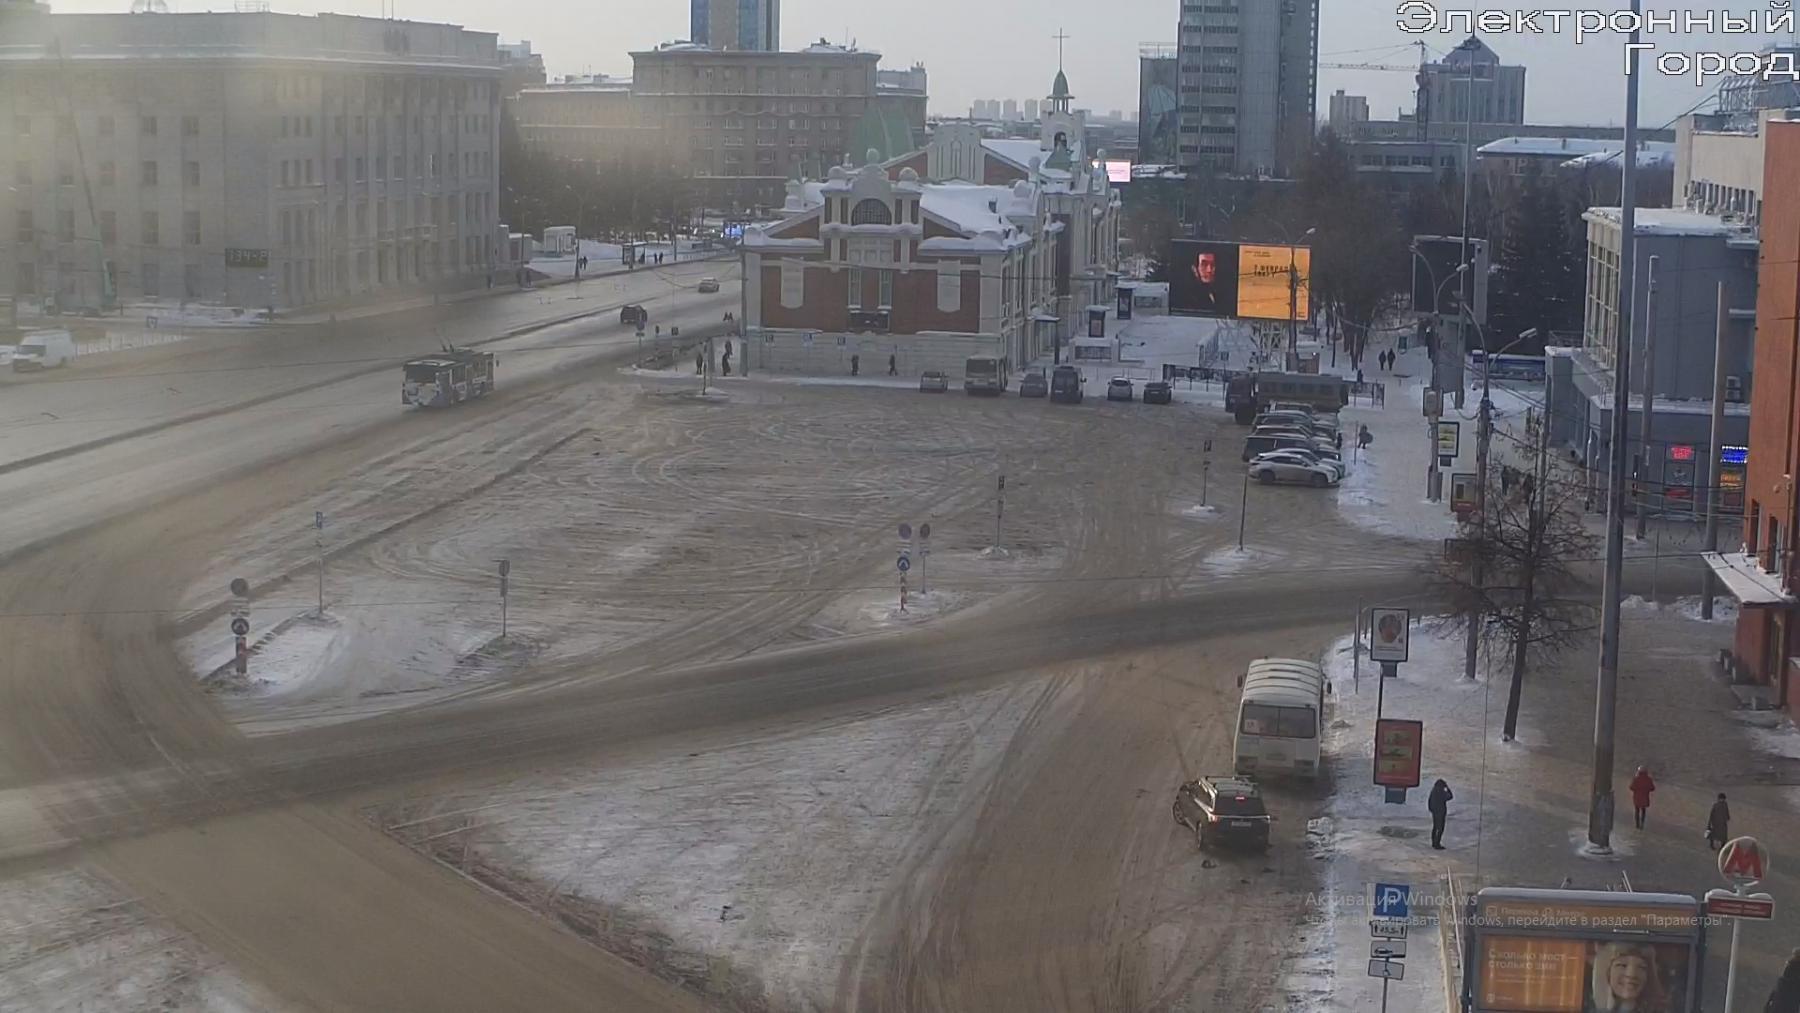 фото Заборы и автозаки: в Новосибирске снова оцепили центр города 2